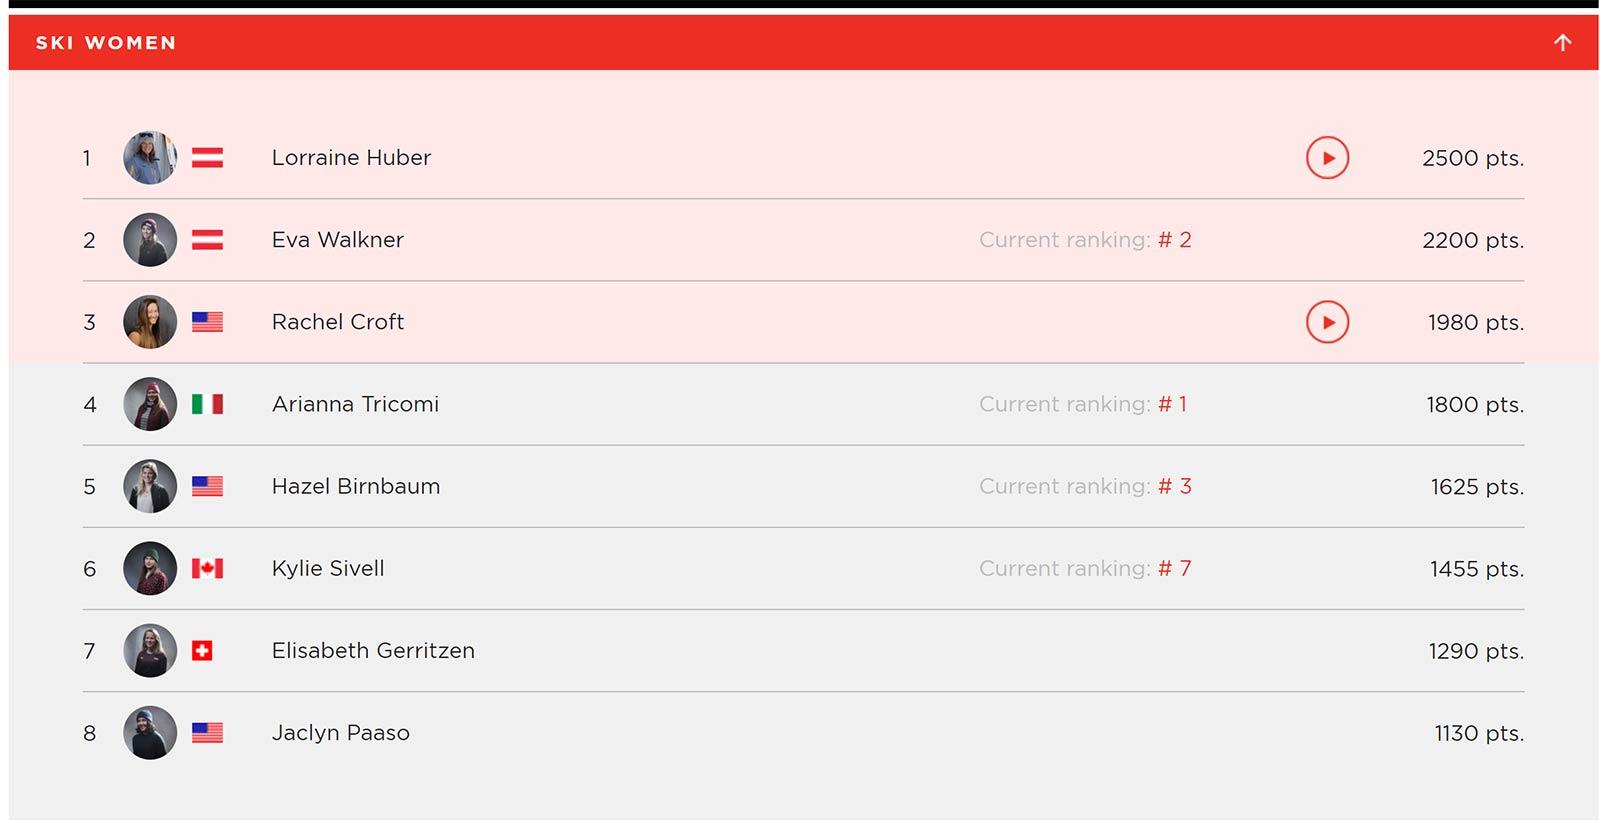 Das komplette Ranking der Frauen beim Freeride World Tour Contest in Fieberbrunn 2018.